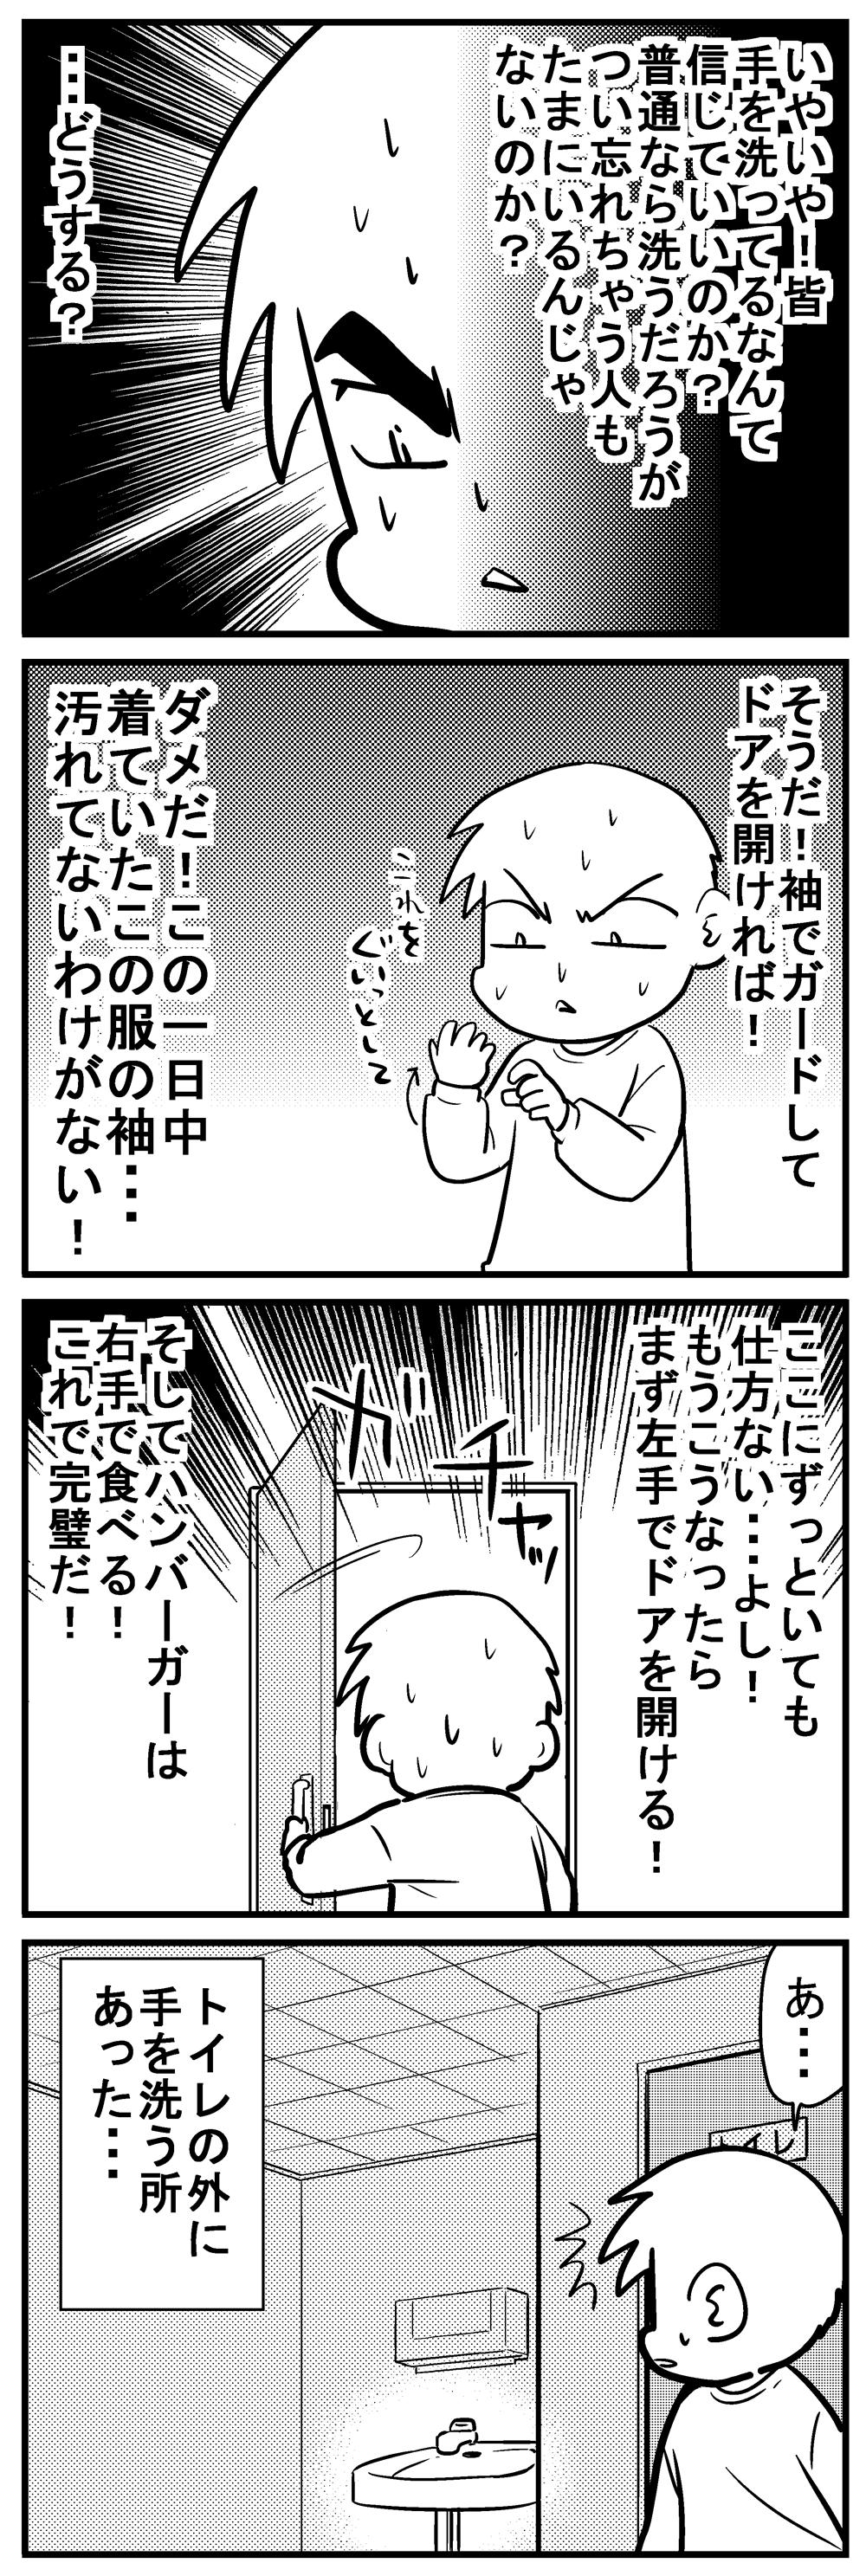 深読みくん114 2